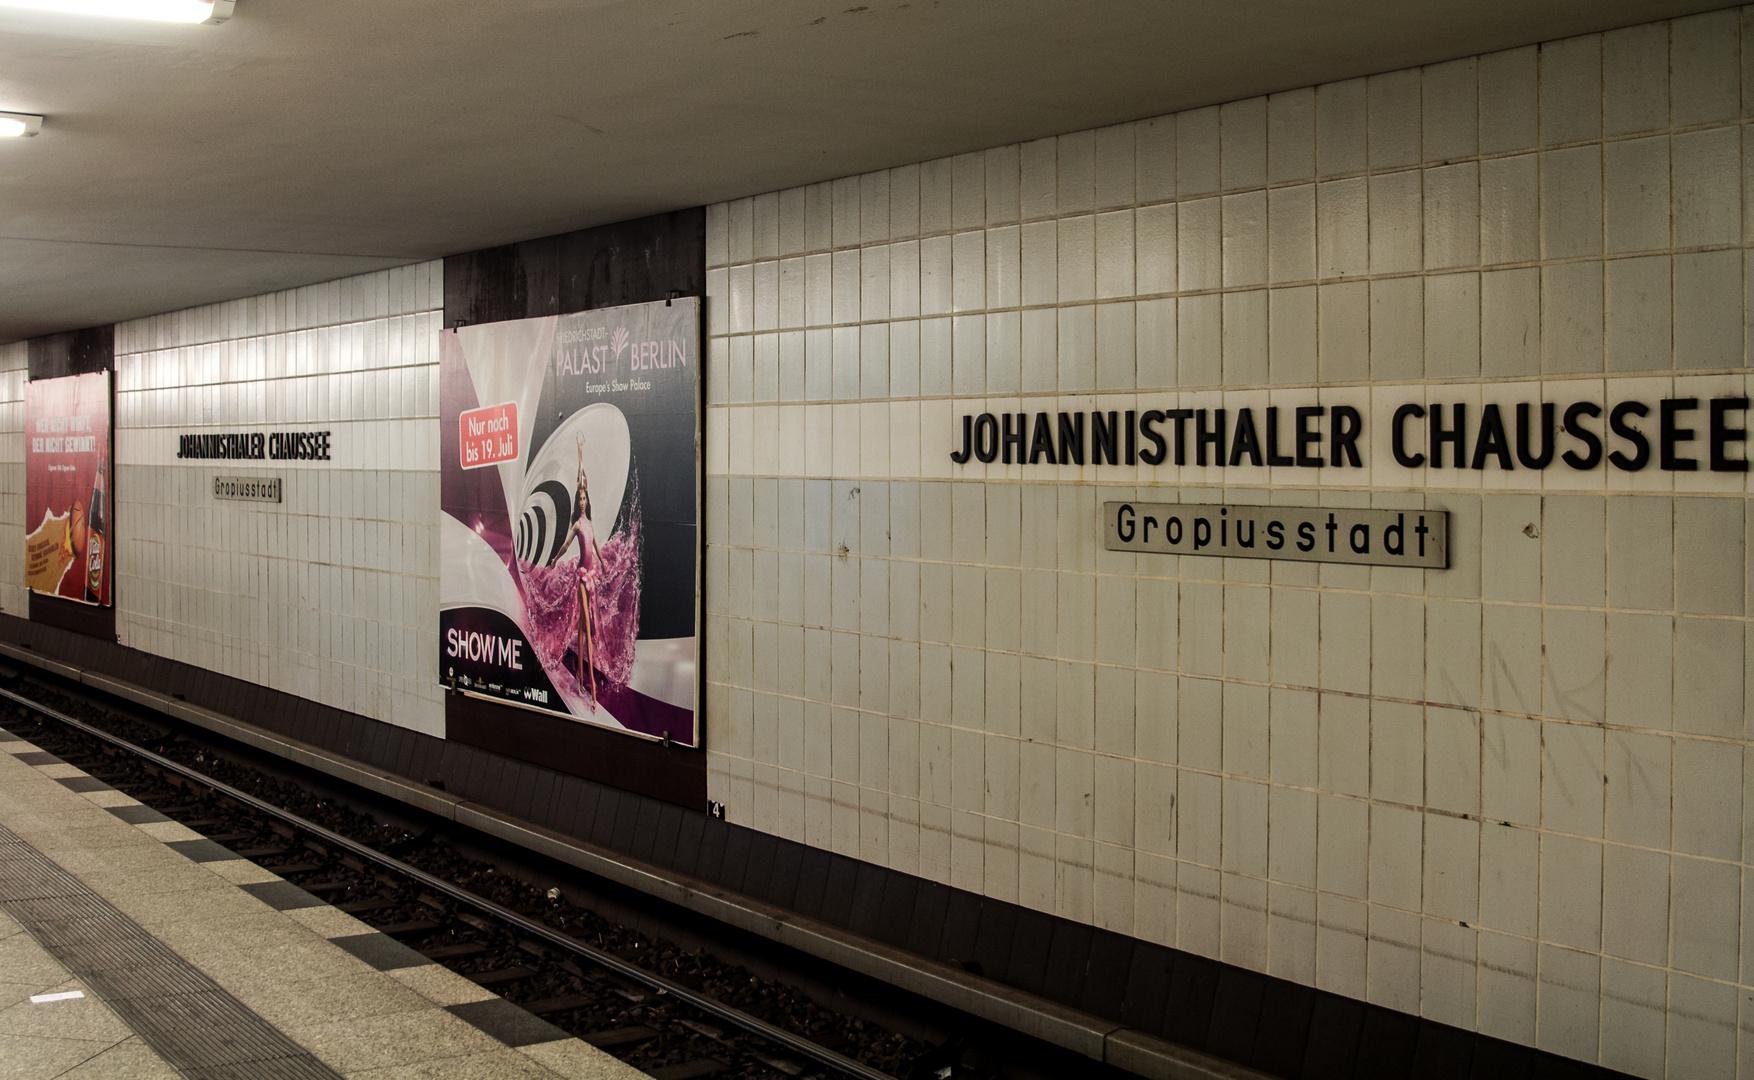 Johannisthaler Chaussee (4)